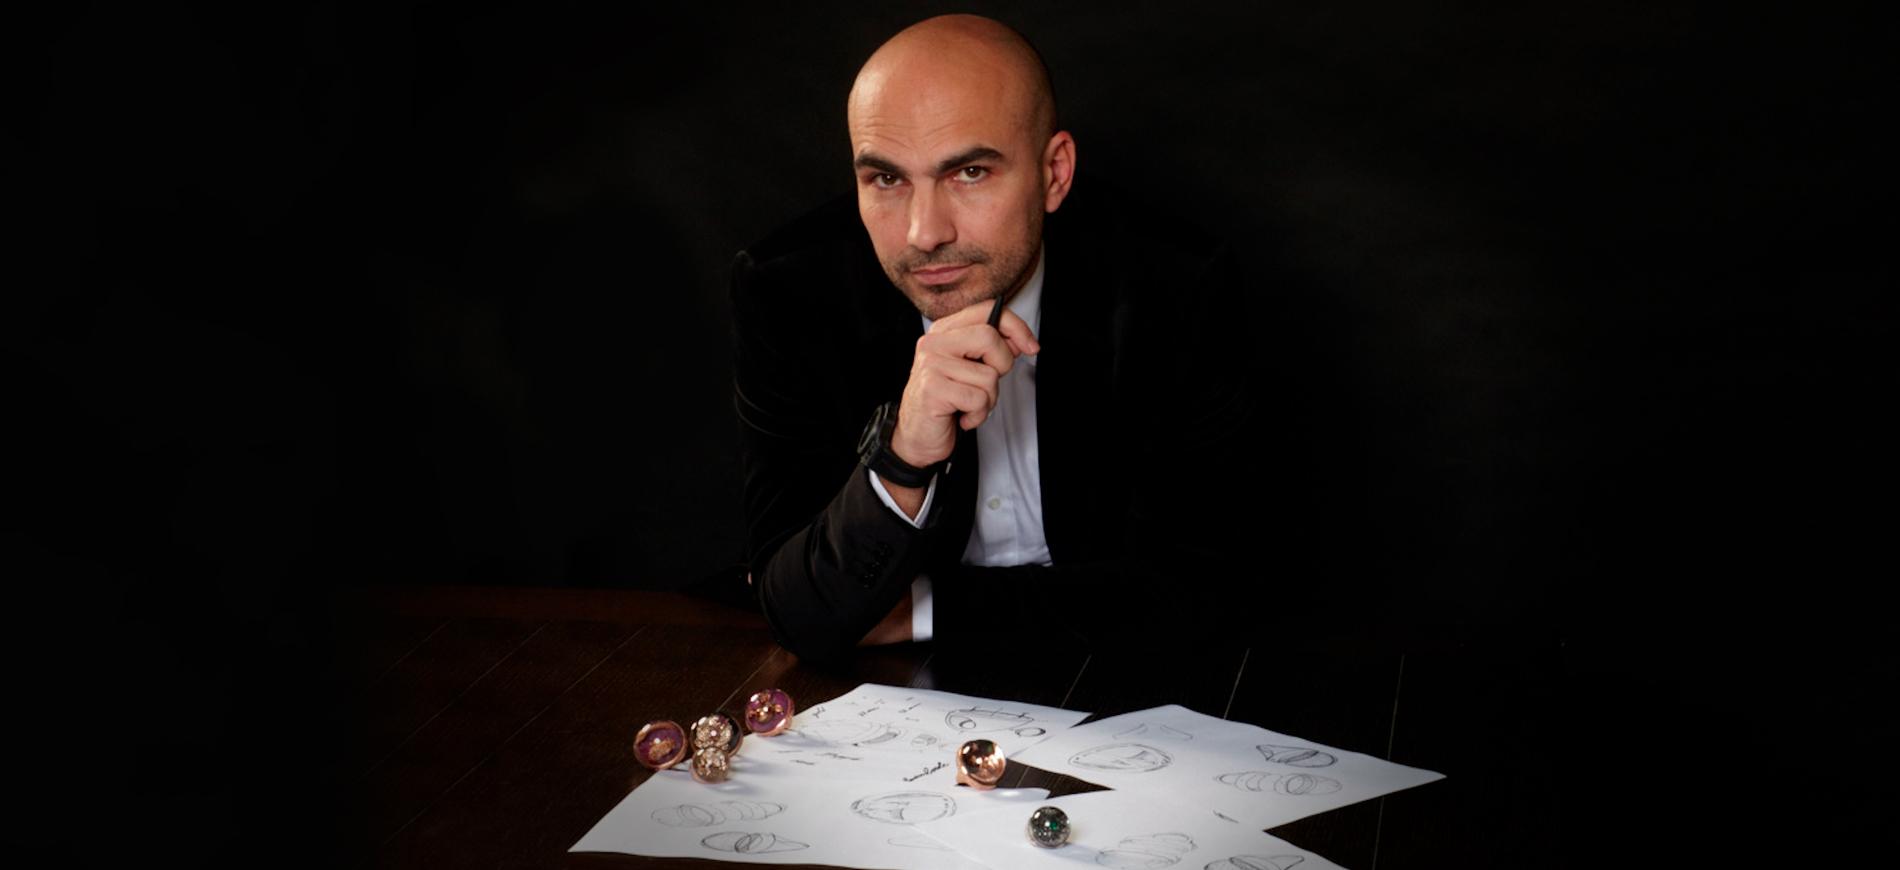 Baselworld 2018: ritratto di Beniamino Crocco con bozzetti e anelli finiti Dreamboule - Nerone, Milano